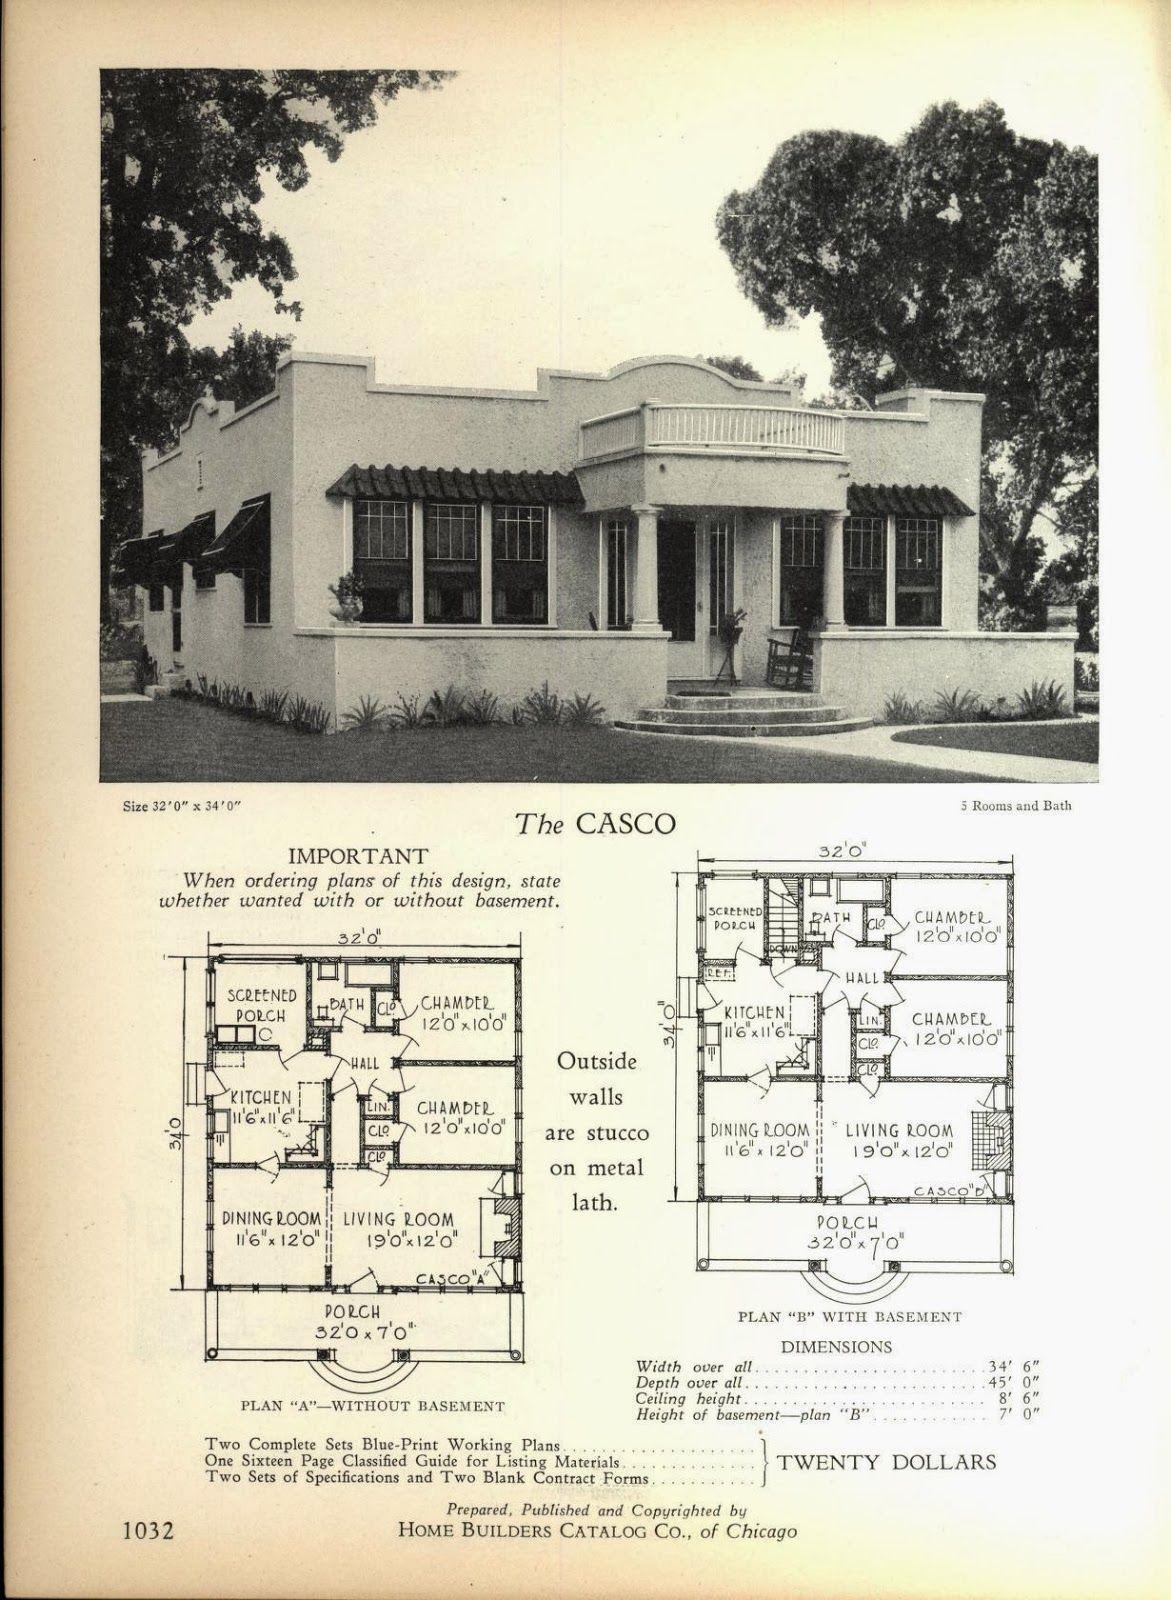 Http Www Artdecoresource Com 2014 01 Even More Art Deco House